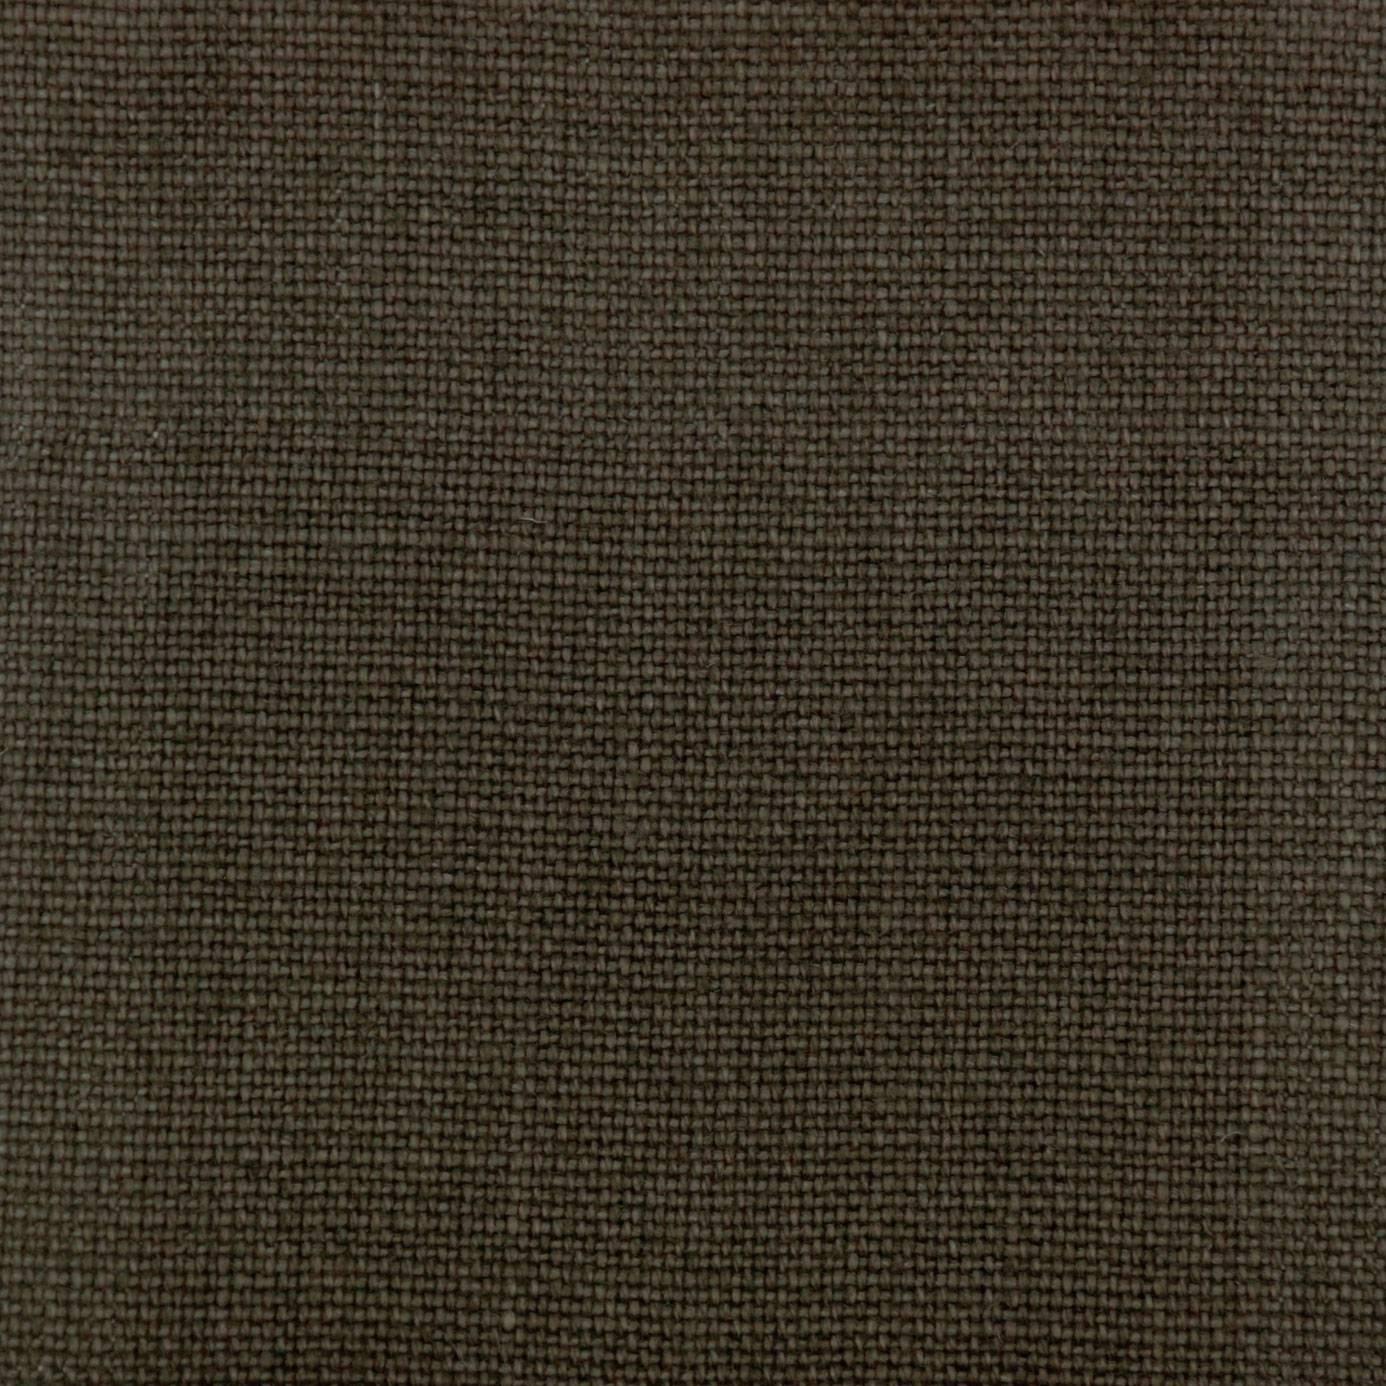 Slubby Linen Fabric Walnut Slubby Linen Walnut